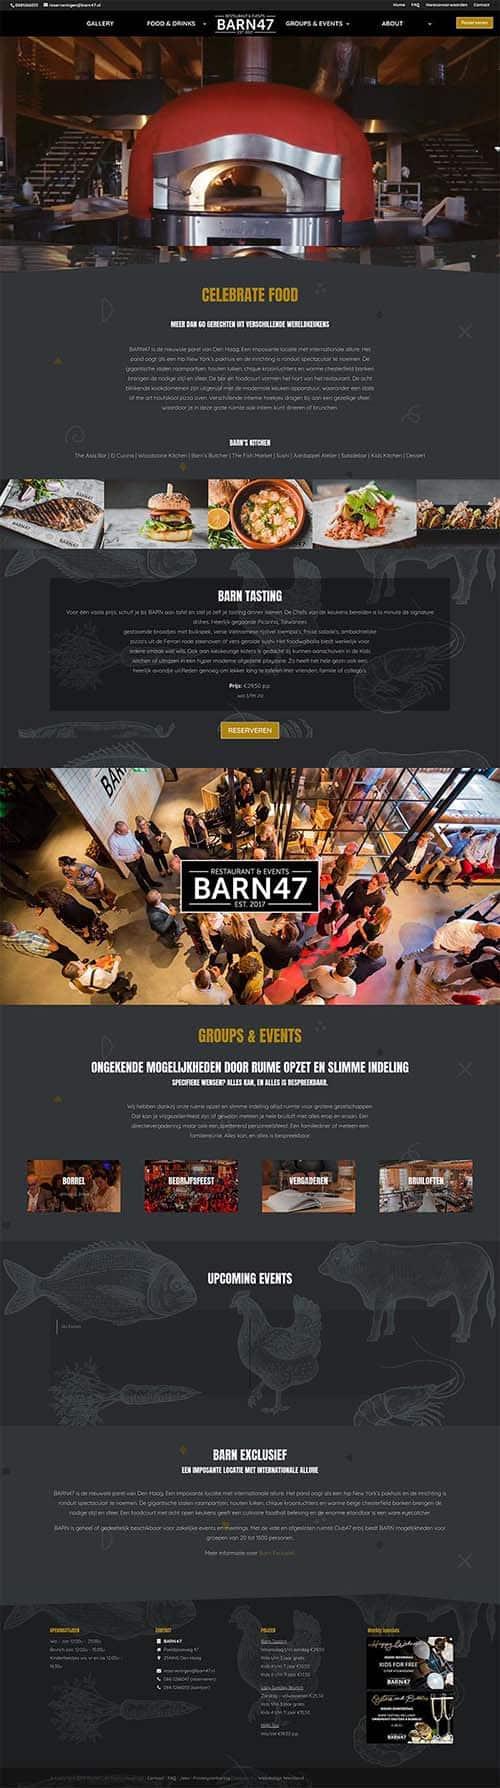 Webdesign bureau Westland maakt o.a. barn47.nl